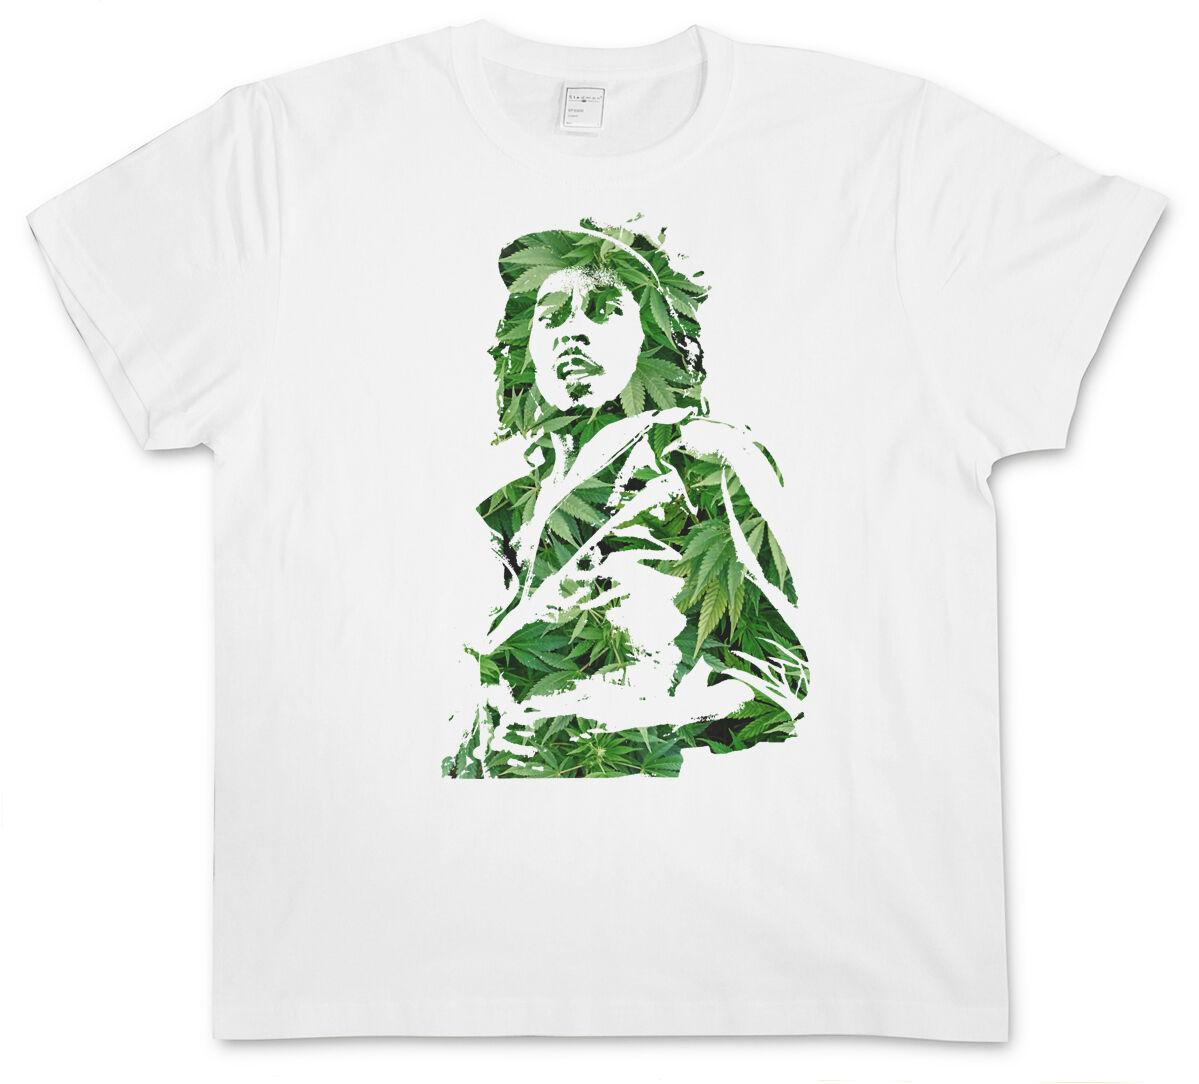 GANJA BOB I T-SHIRT - Jamaica Marley Cannabis Hemp Reggae Wailers Marijuana 1